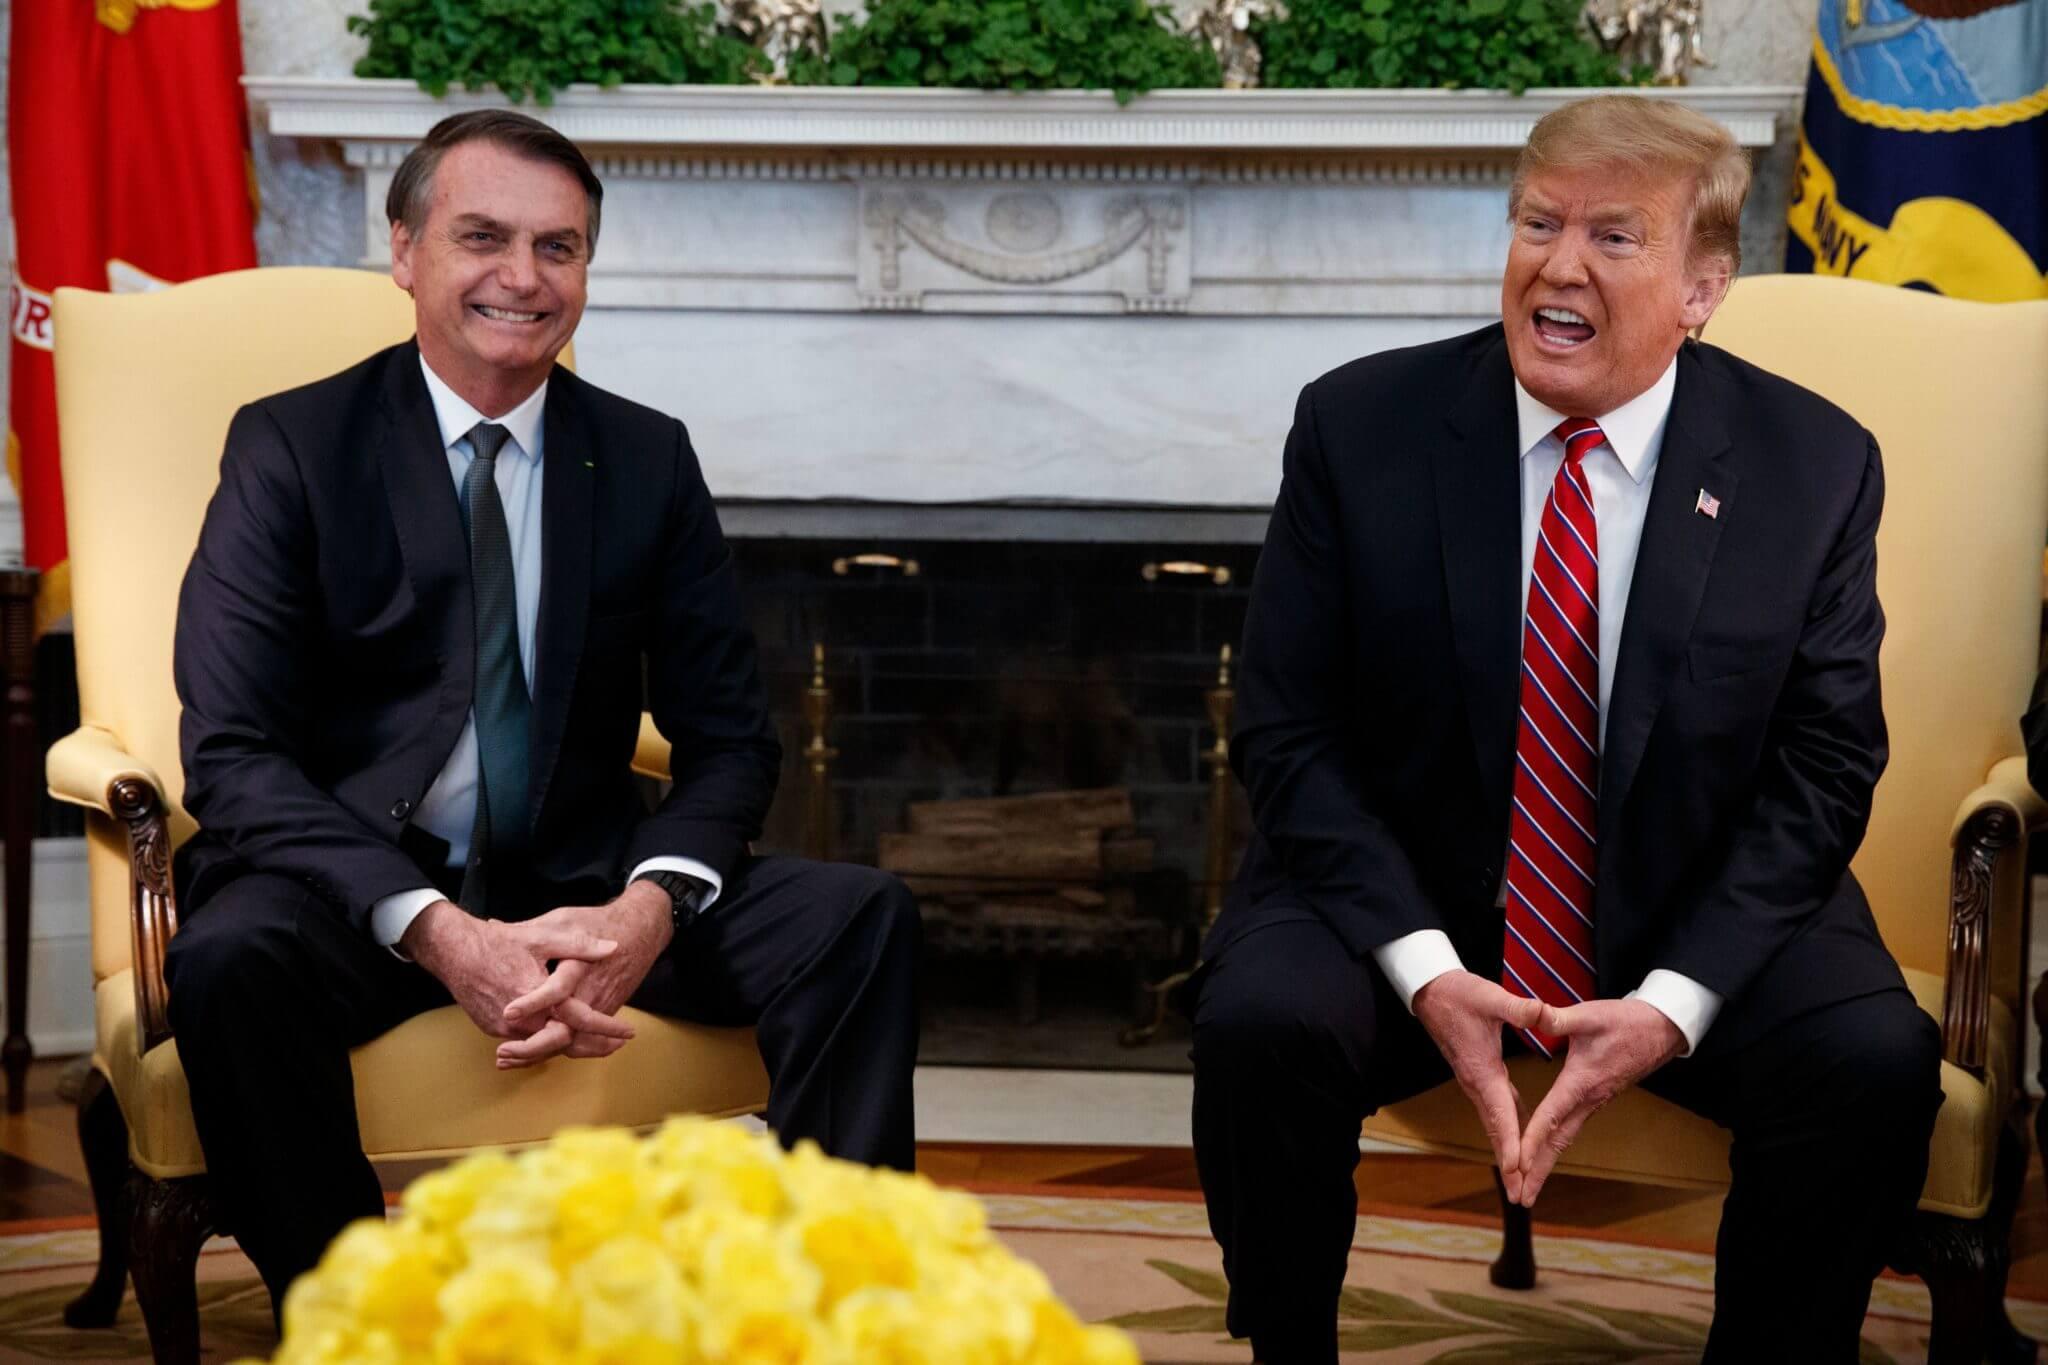 Las 6 claves de la primera reunión entre Donald Trump y Jair Bolsonaro en Washington